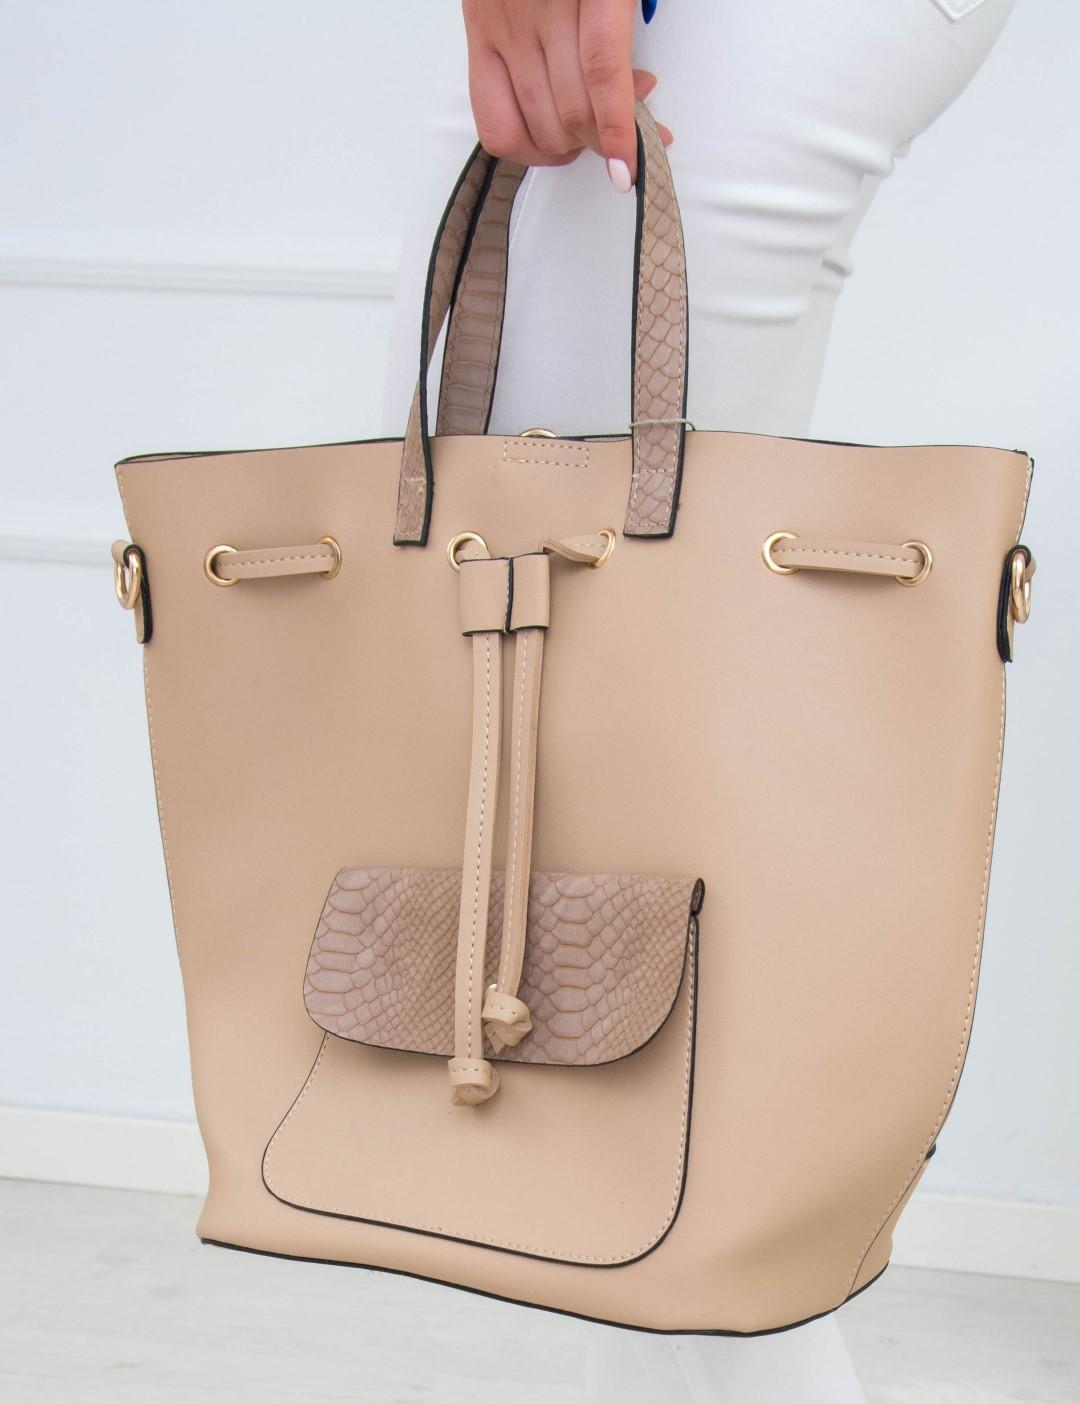 179b09cc21 Γυναικεία μπεζ τσάντα ώμου πουγκί κρόκο σχέδιο 6060G